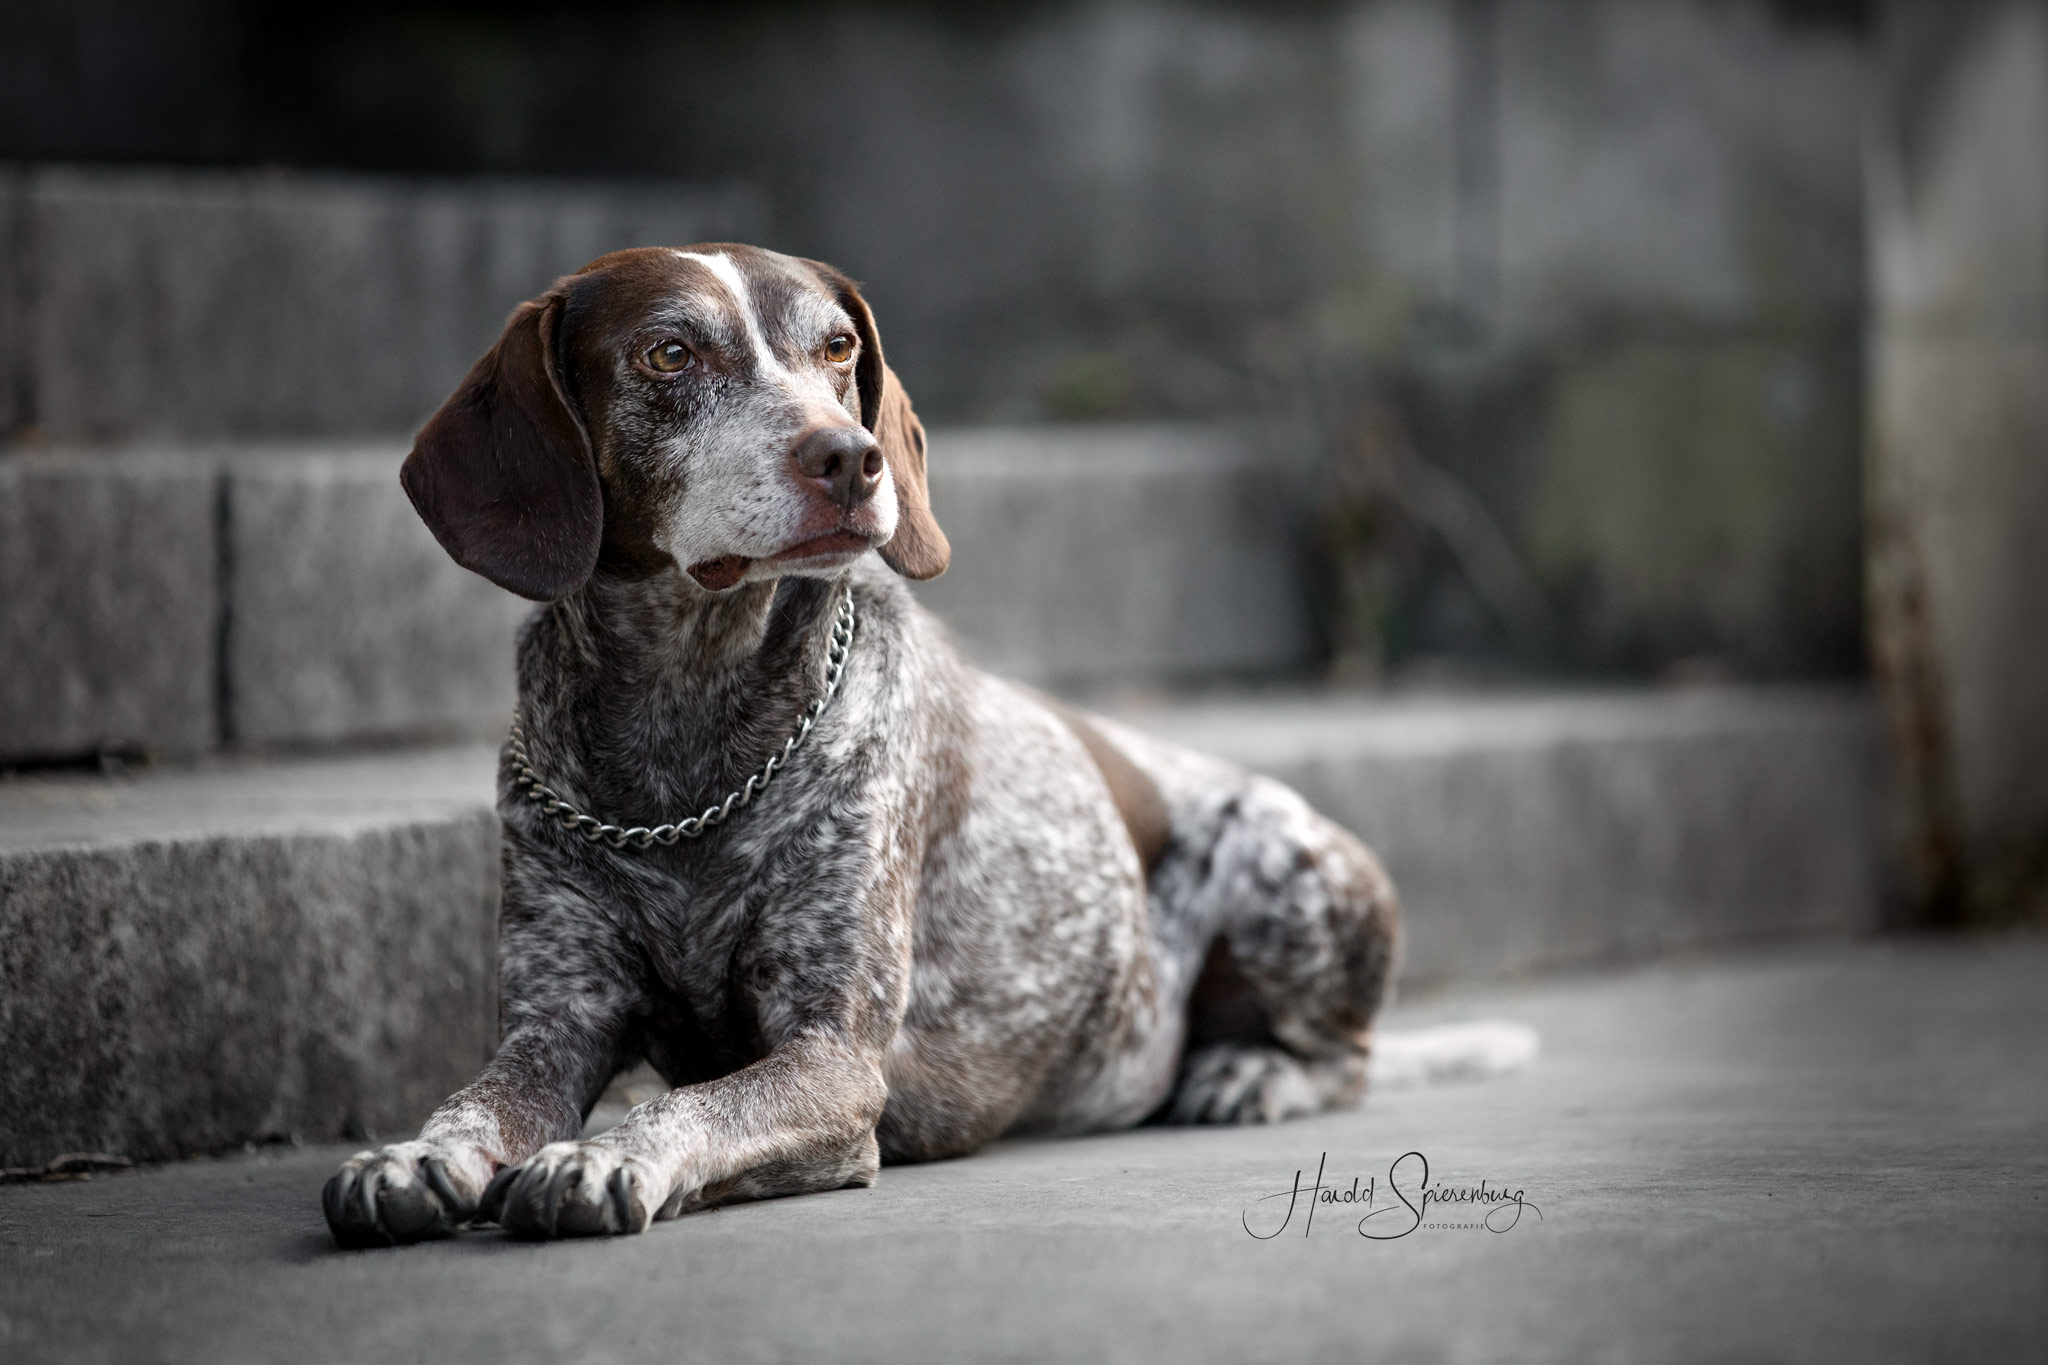 Pixie de hond